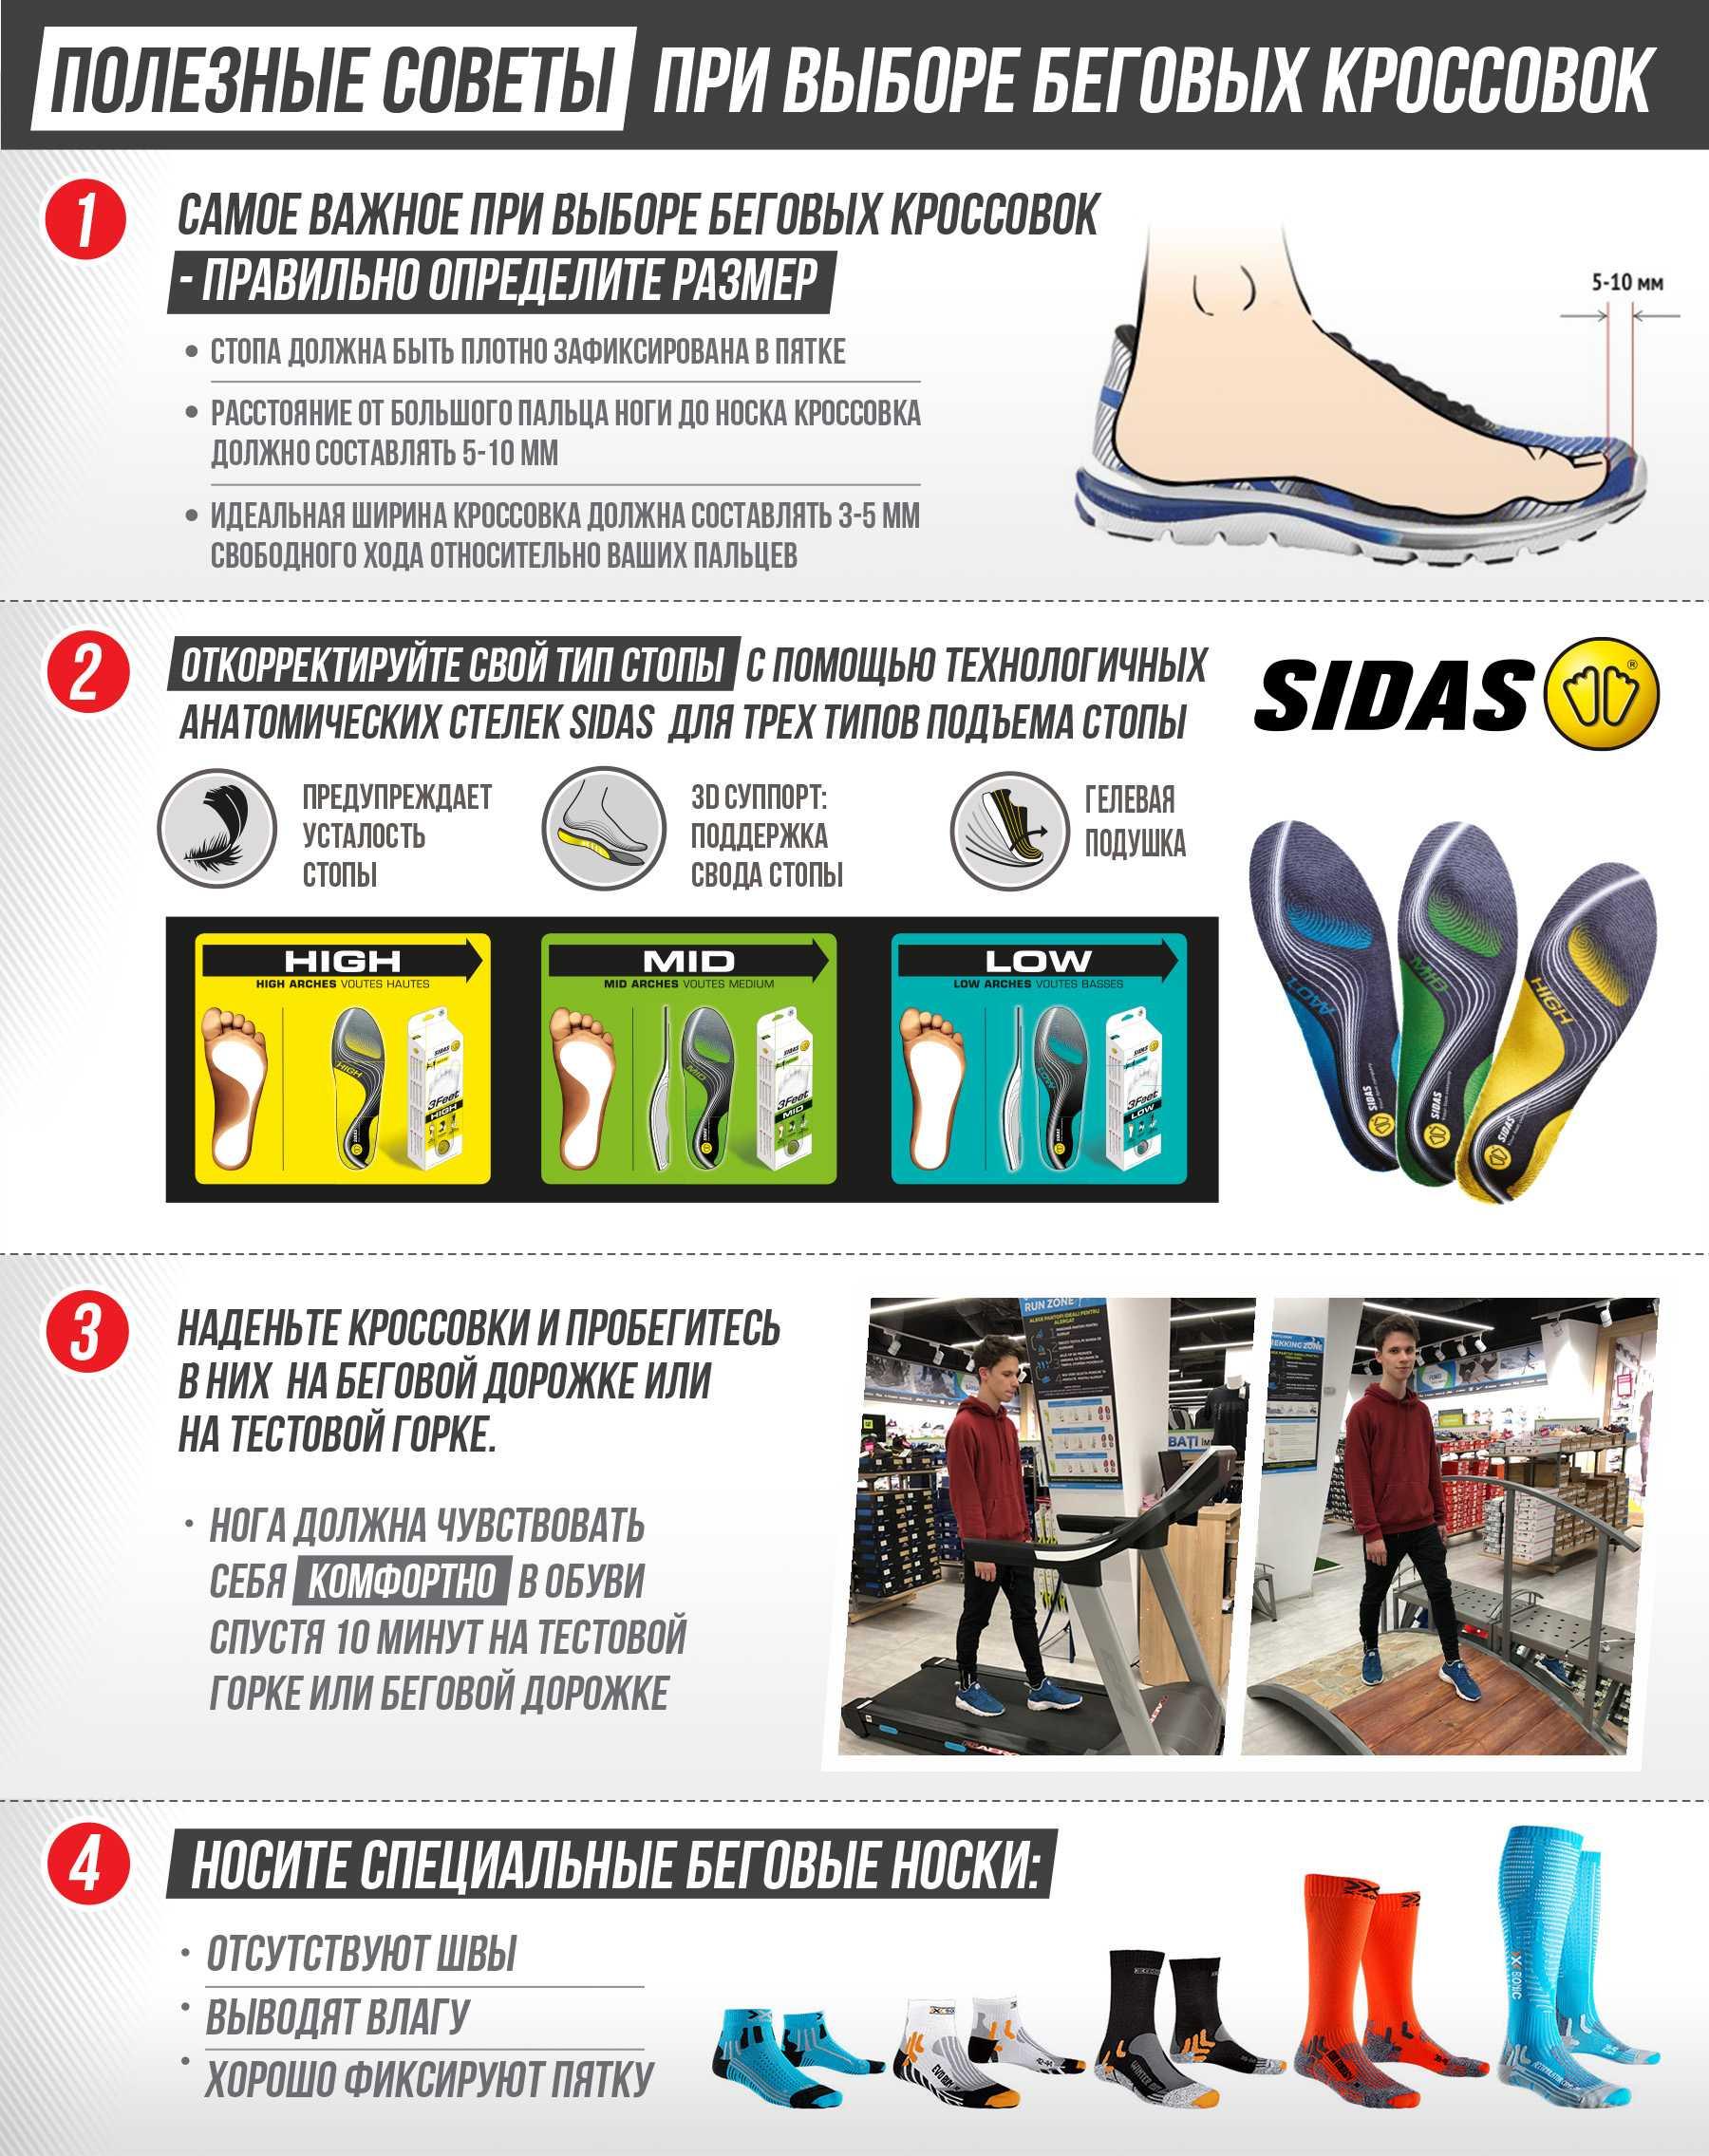 Как выбрать лучшие кроссовки для бега? :: как правильно ::  «живи!